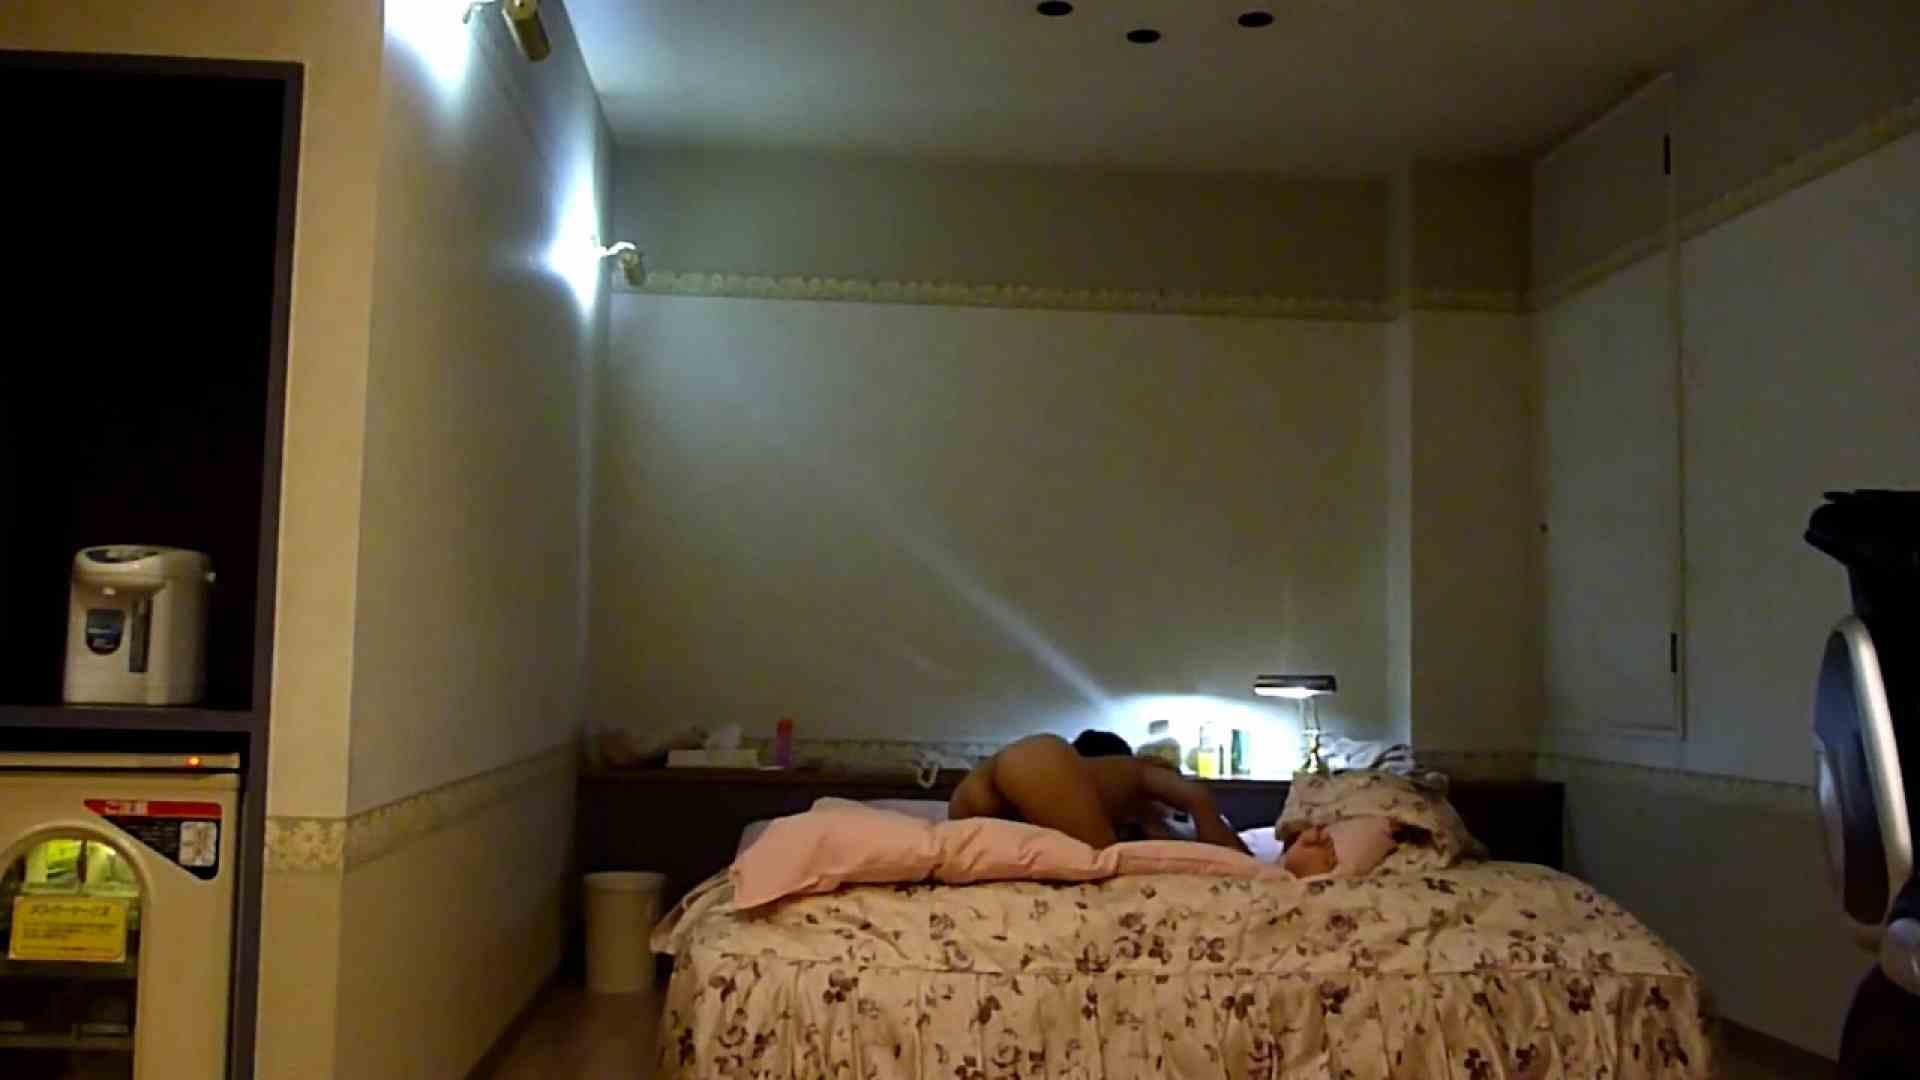 【完全素人投稿】誰にしようか!?やりチン健太の本日もデリ嬢いただきま~す!!12 投稿 セックス無修正動画無料 106pic 62